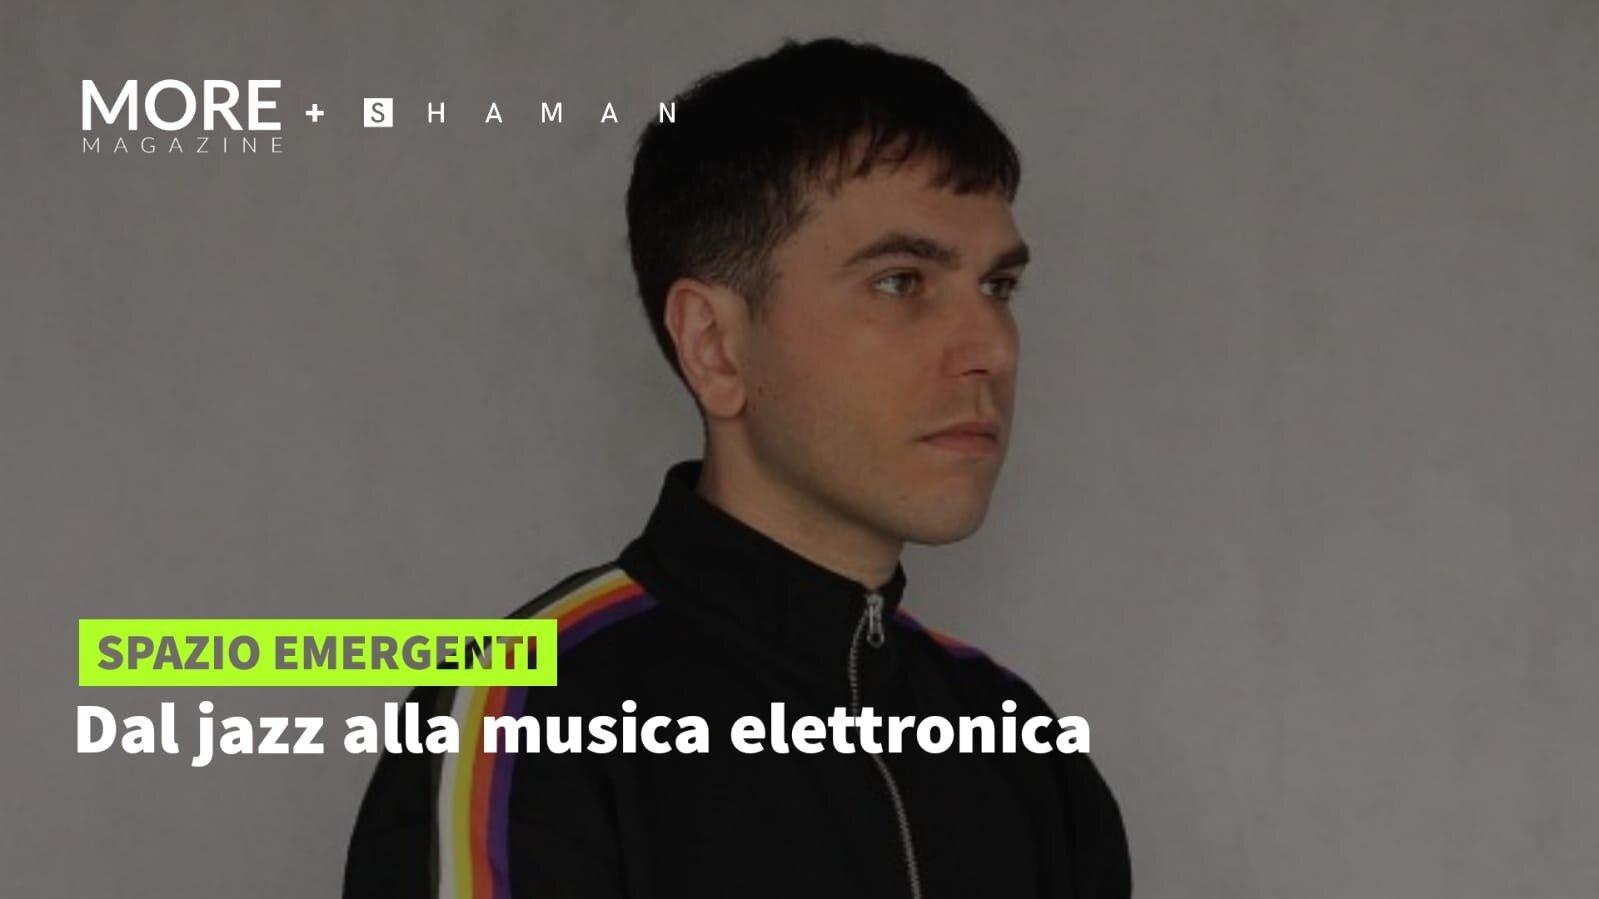 Dal jazz alla musica elettronica